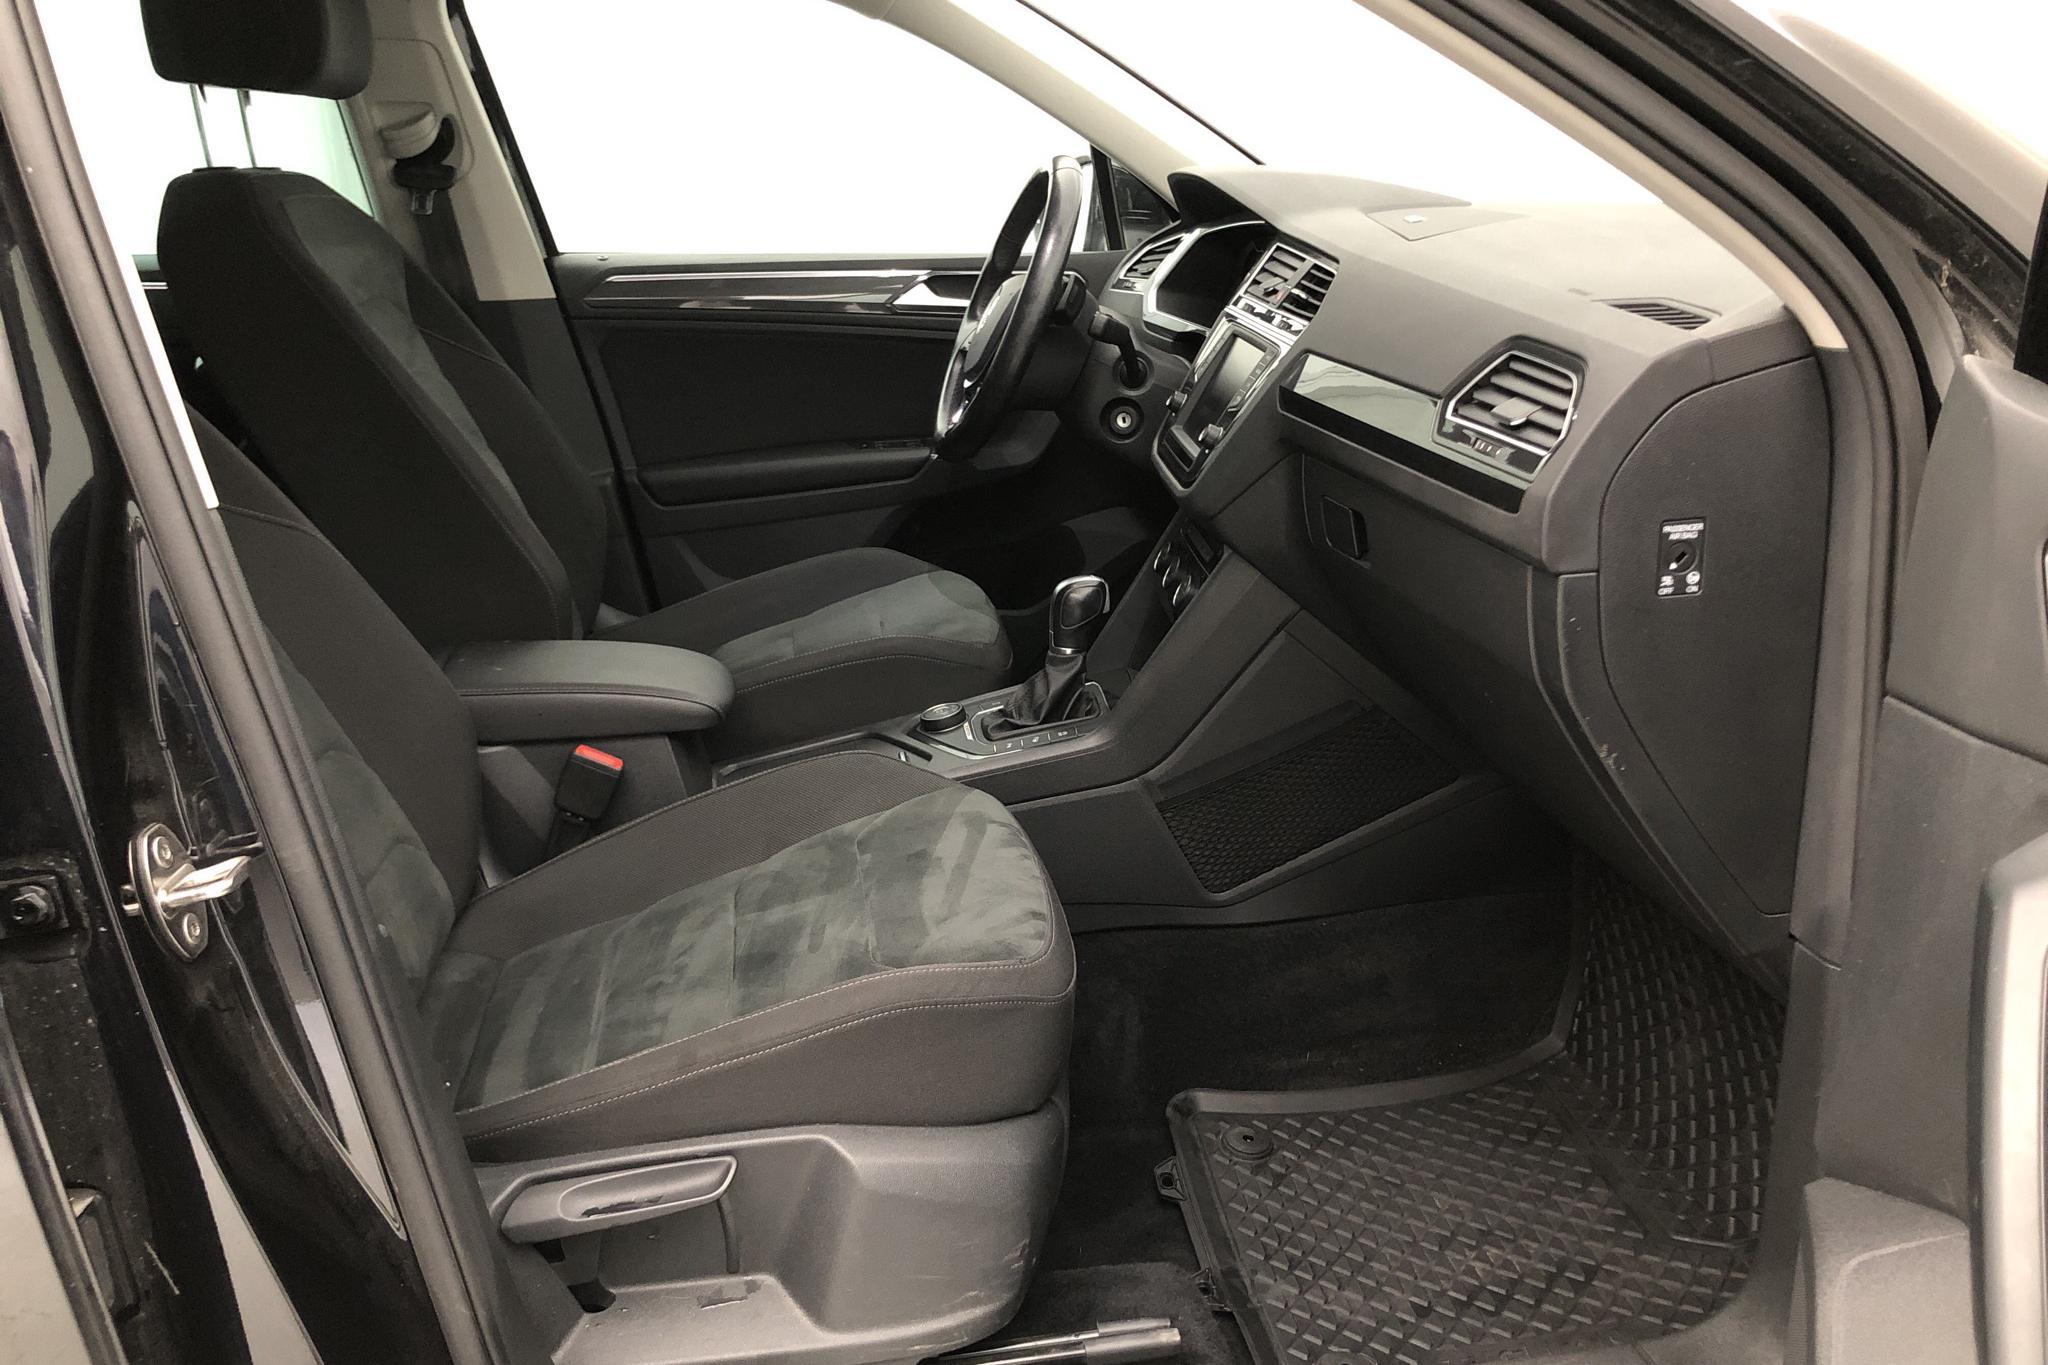 VW Tiguan 2.0 TDI 4MOTION (190hk) - 84 871 km - Automatic - black - 2017